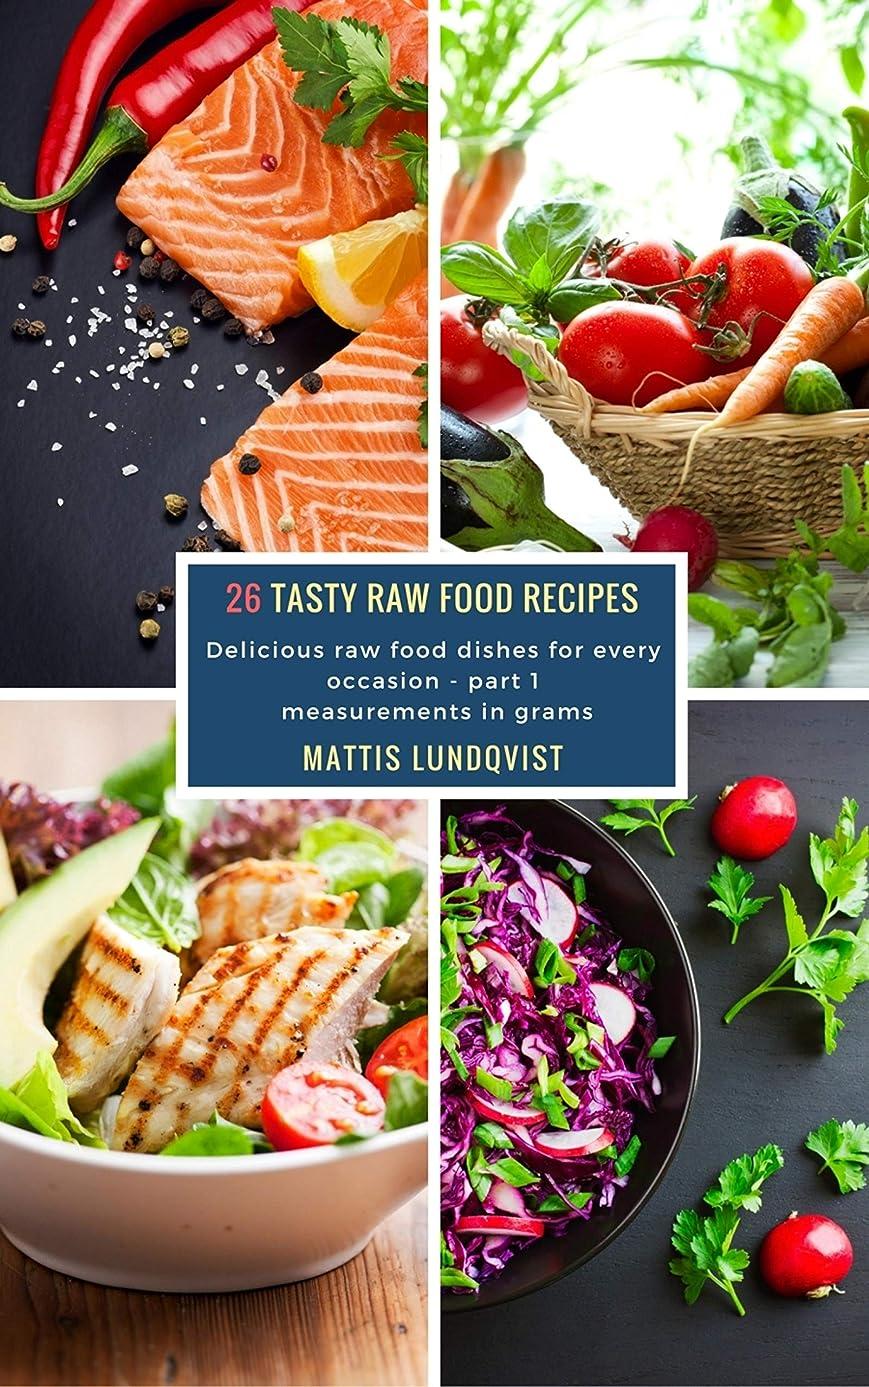 によるとセッション以降26 Tasty Raw Food Recipes - part 1: Delicious raw food dishes for every occasion - measurements in grams (English Edition)